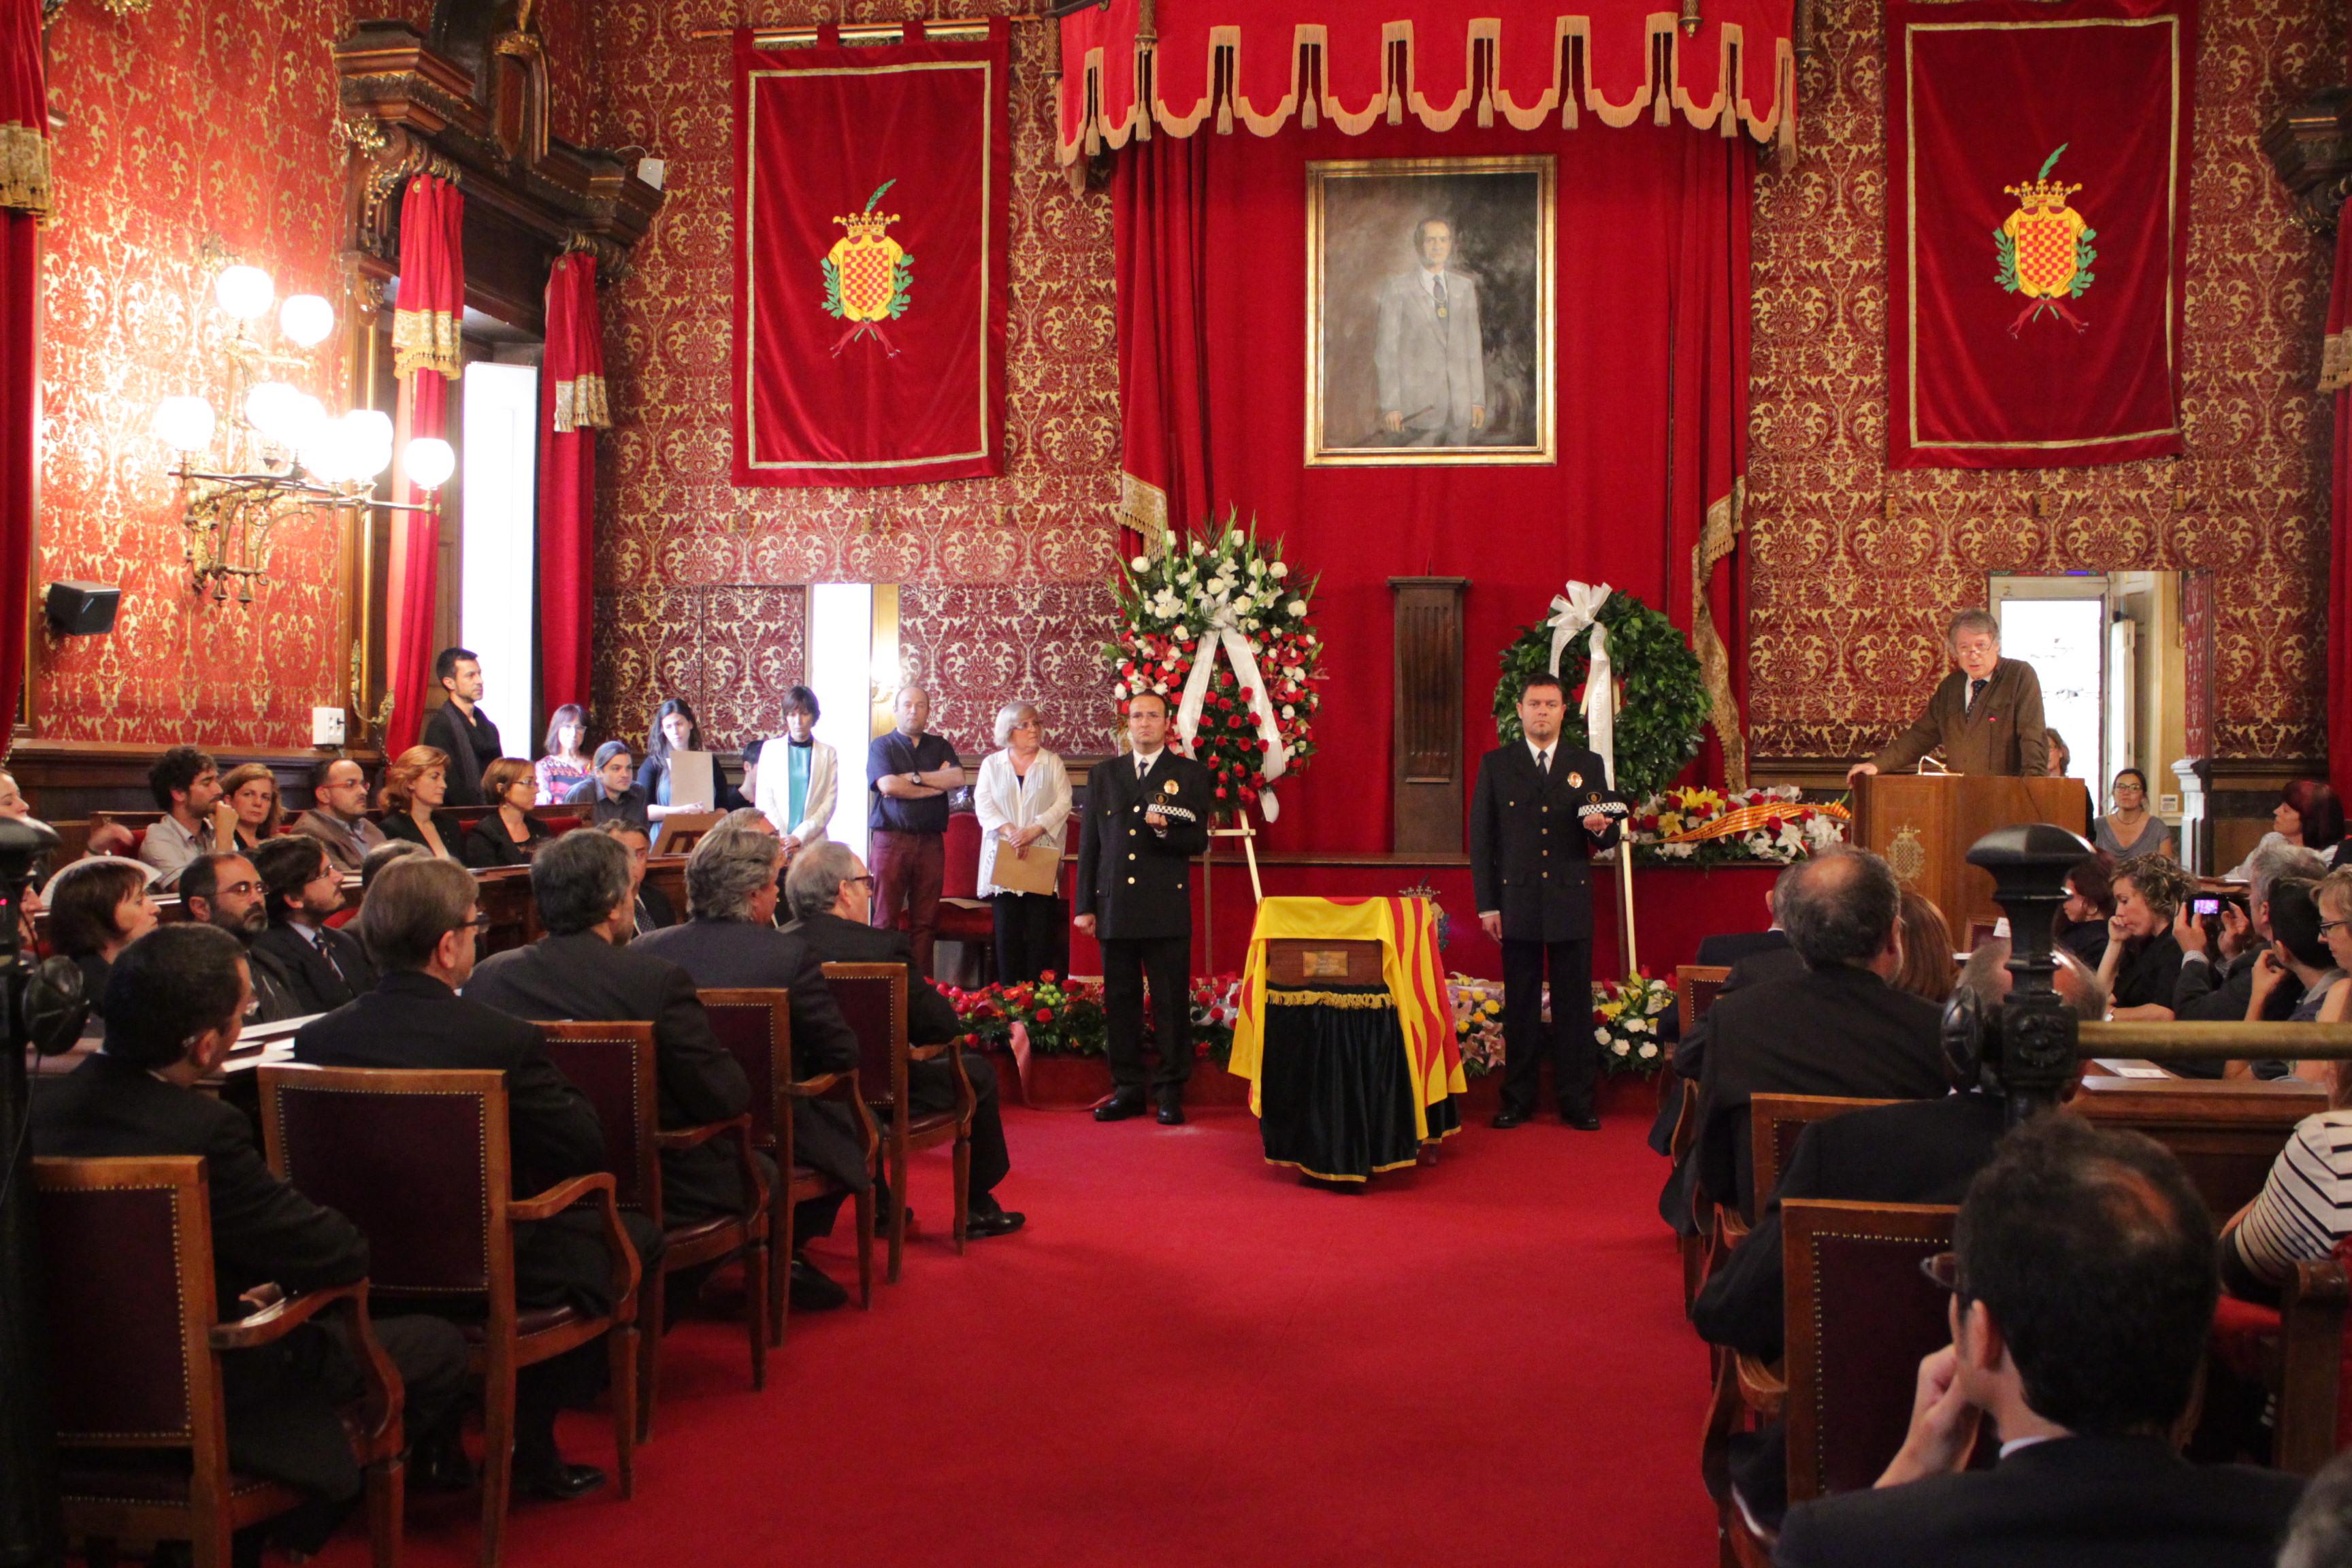 Imatge del saló de plens de l'Ajuntament de Tarragona durant l'acte de comiat a l'ex alcalde Josep Mª Recasens (foto: Mauri Fernández)